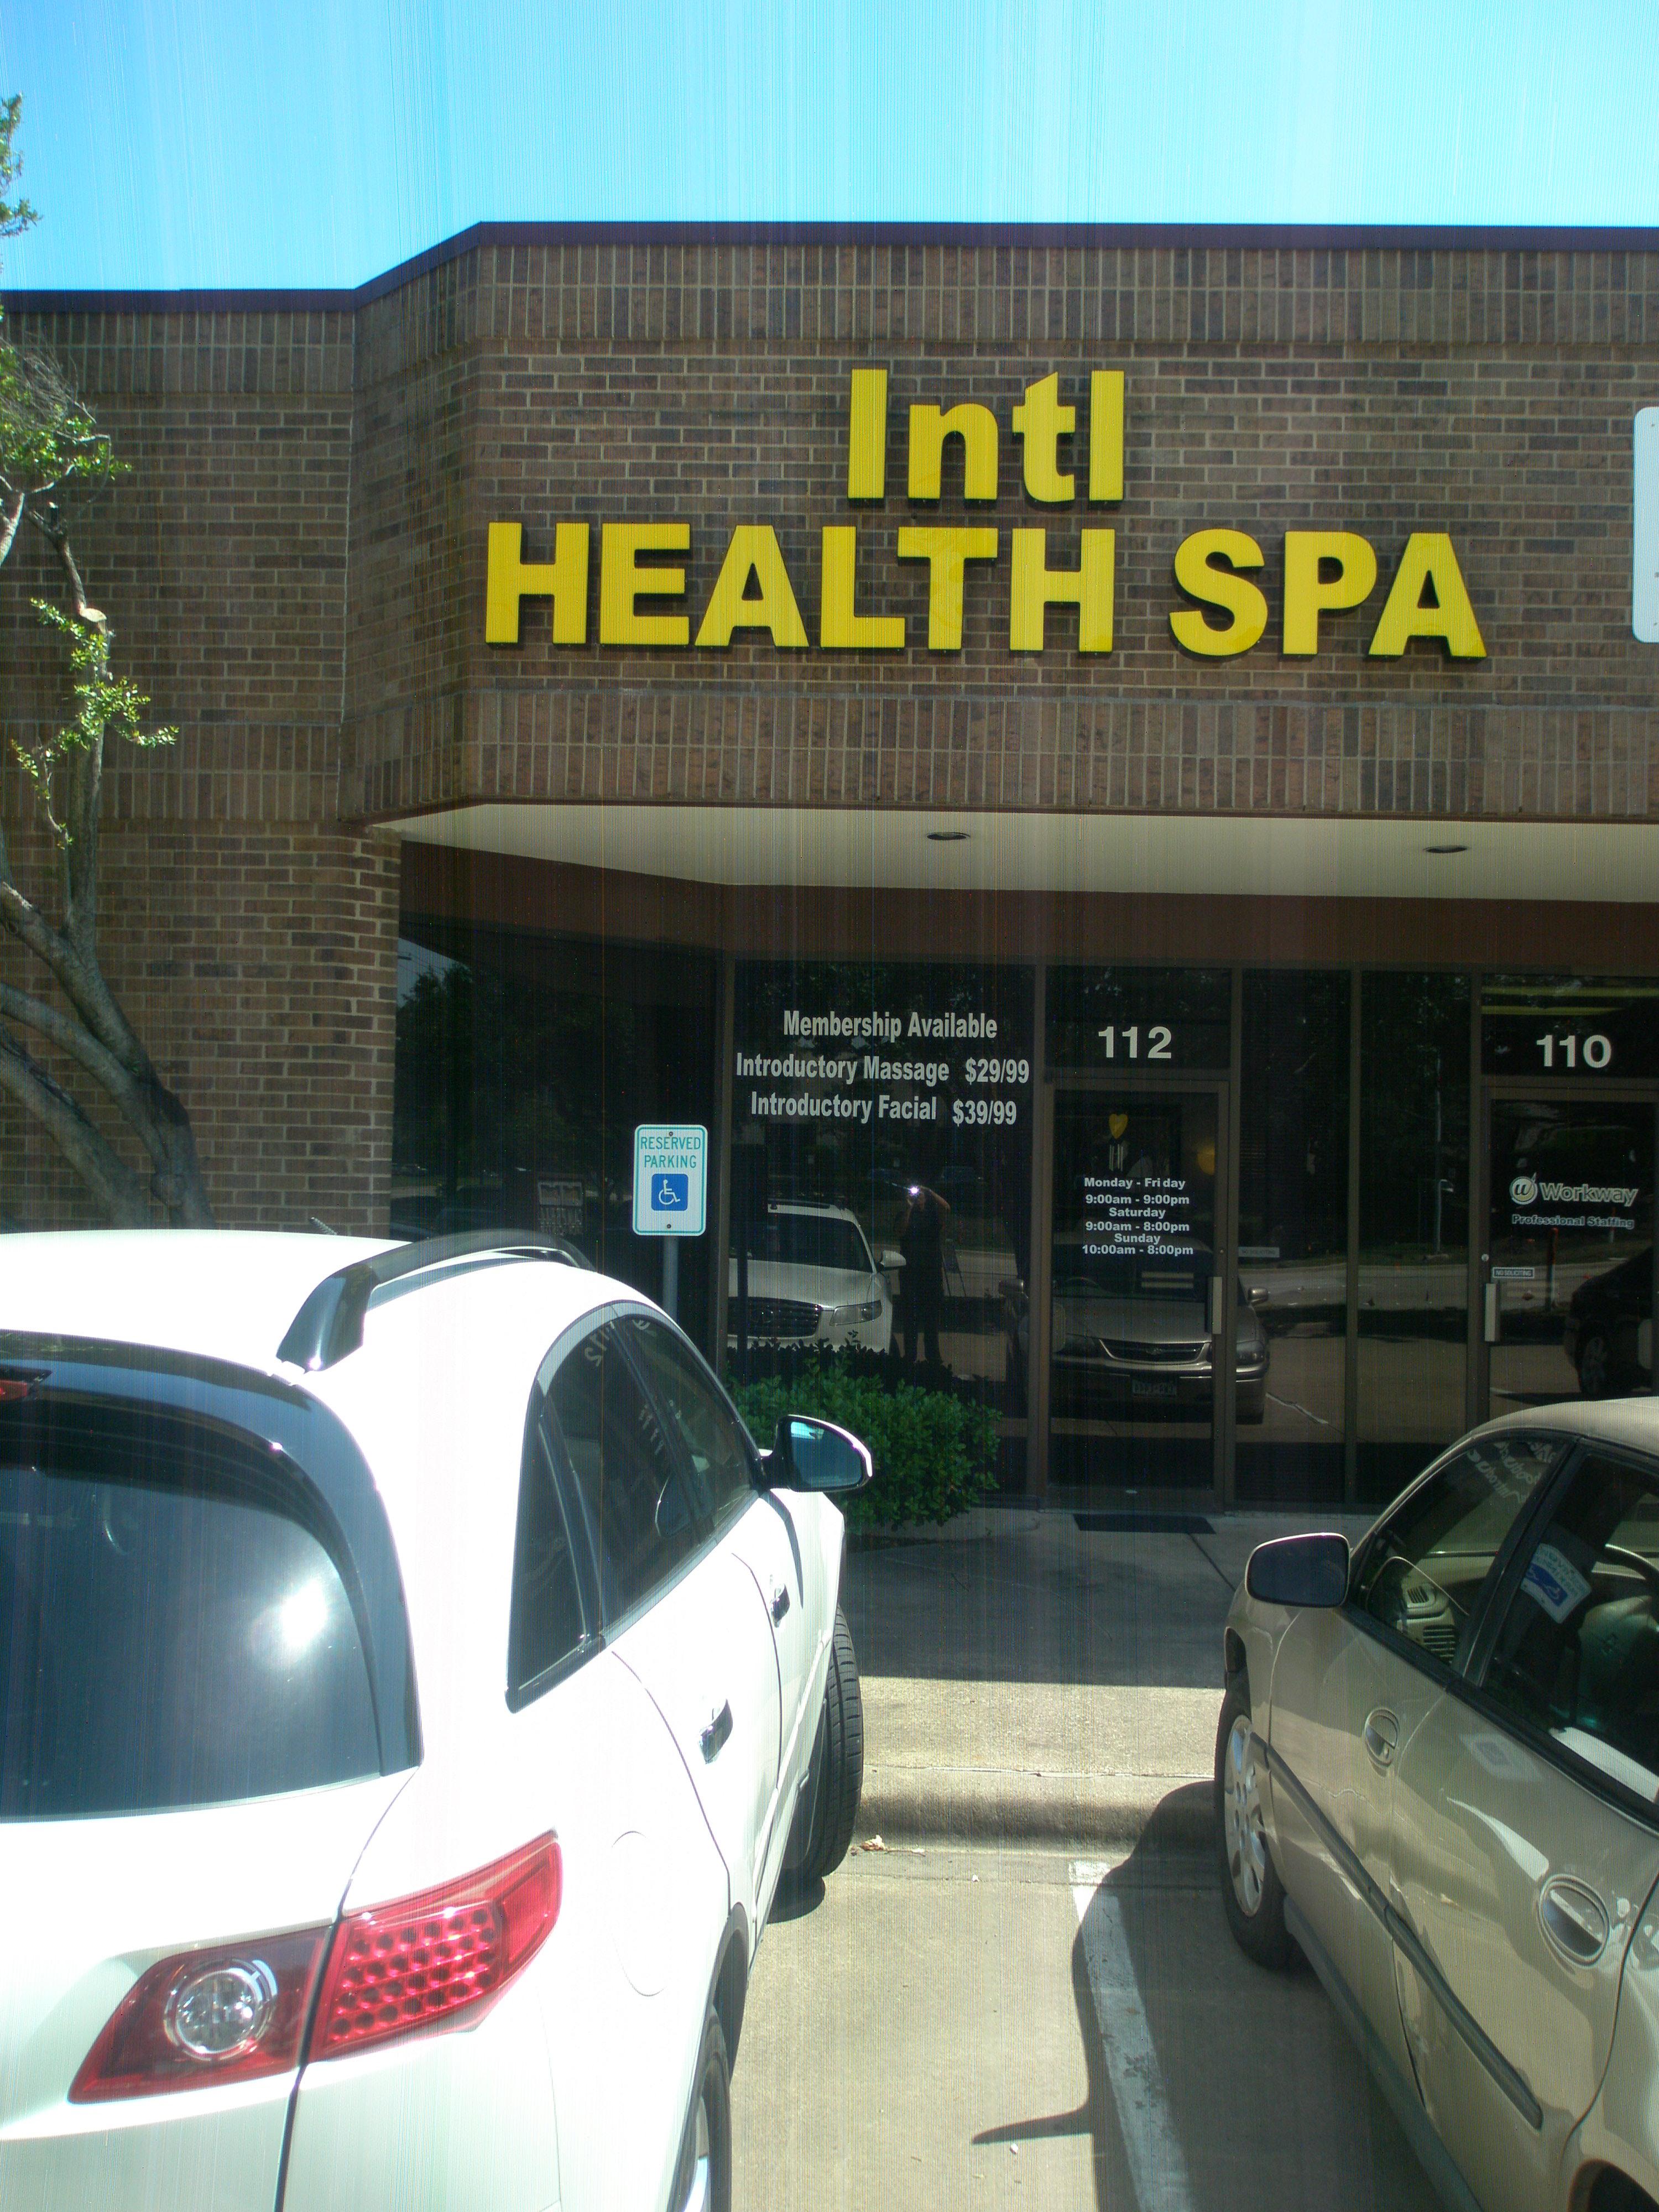 Intl Health Spa